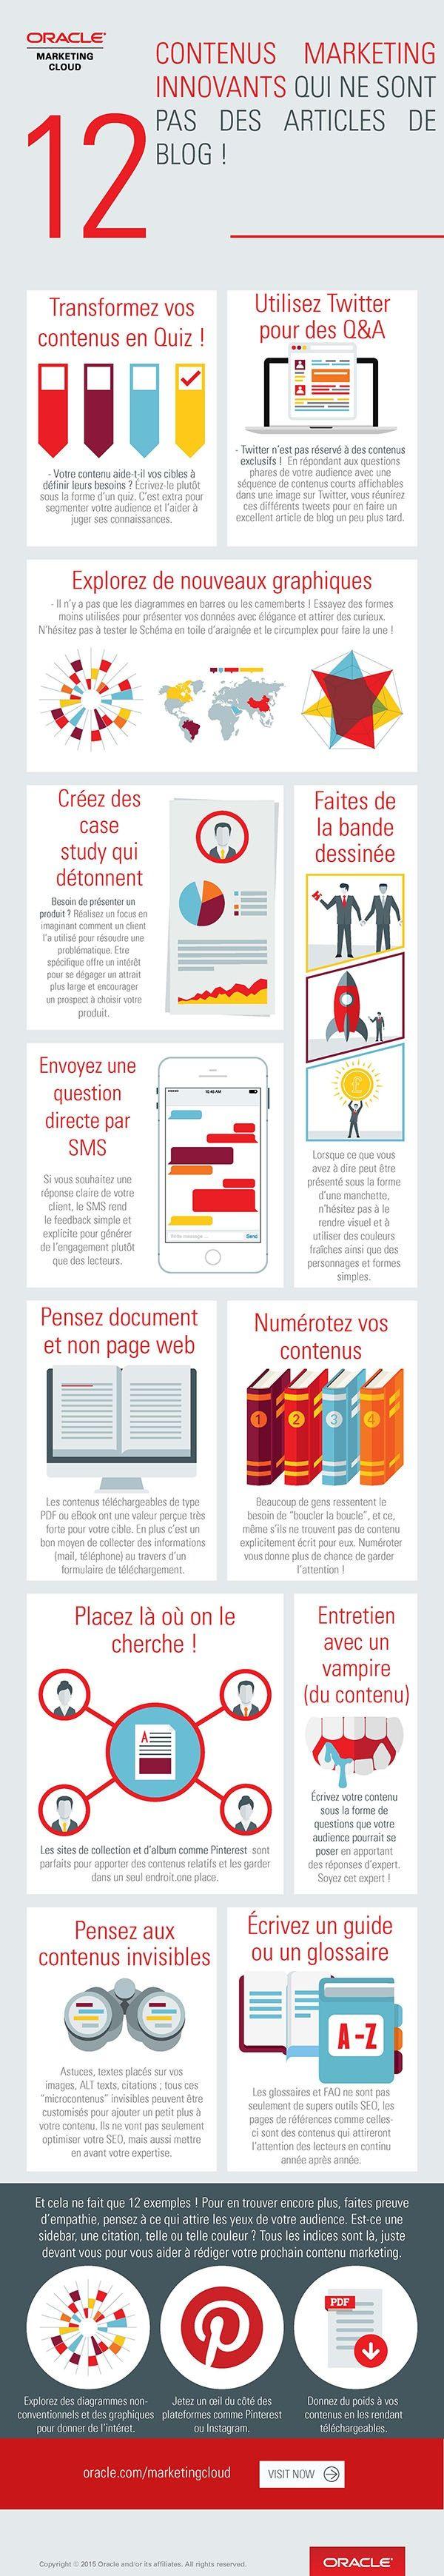 Infographie : 12 contenus marketing innovants qui ne sont pas des articles de blog !